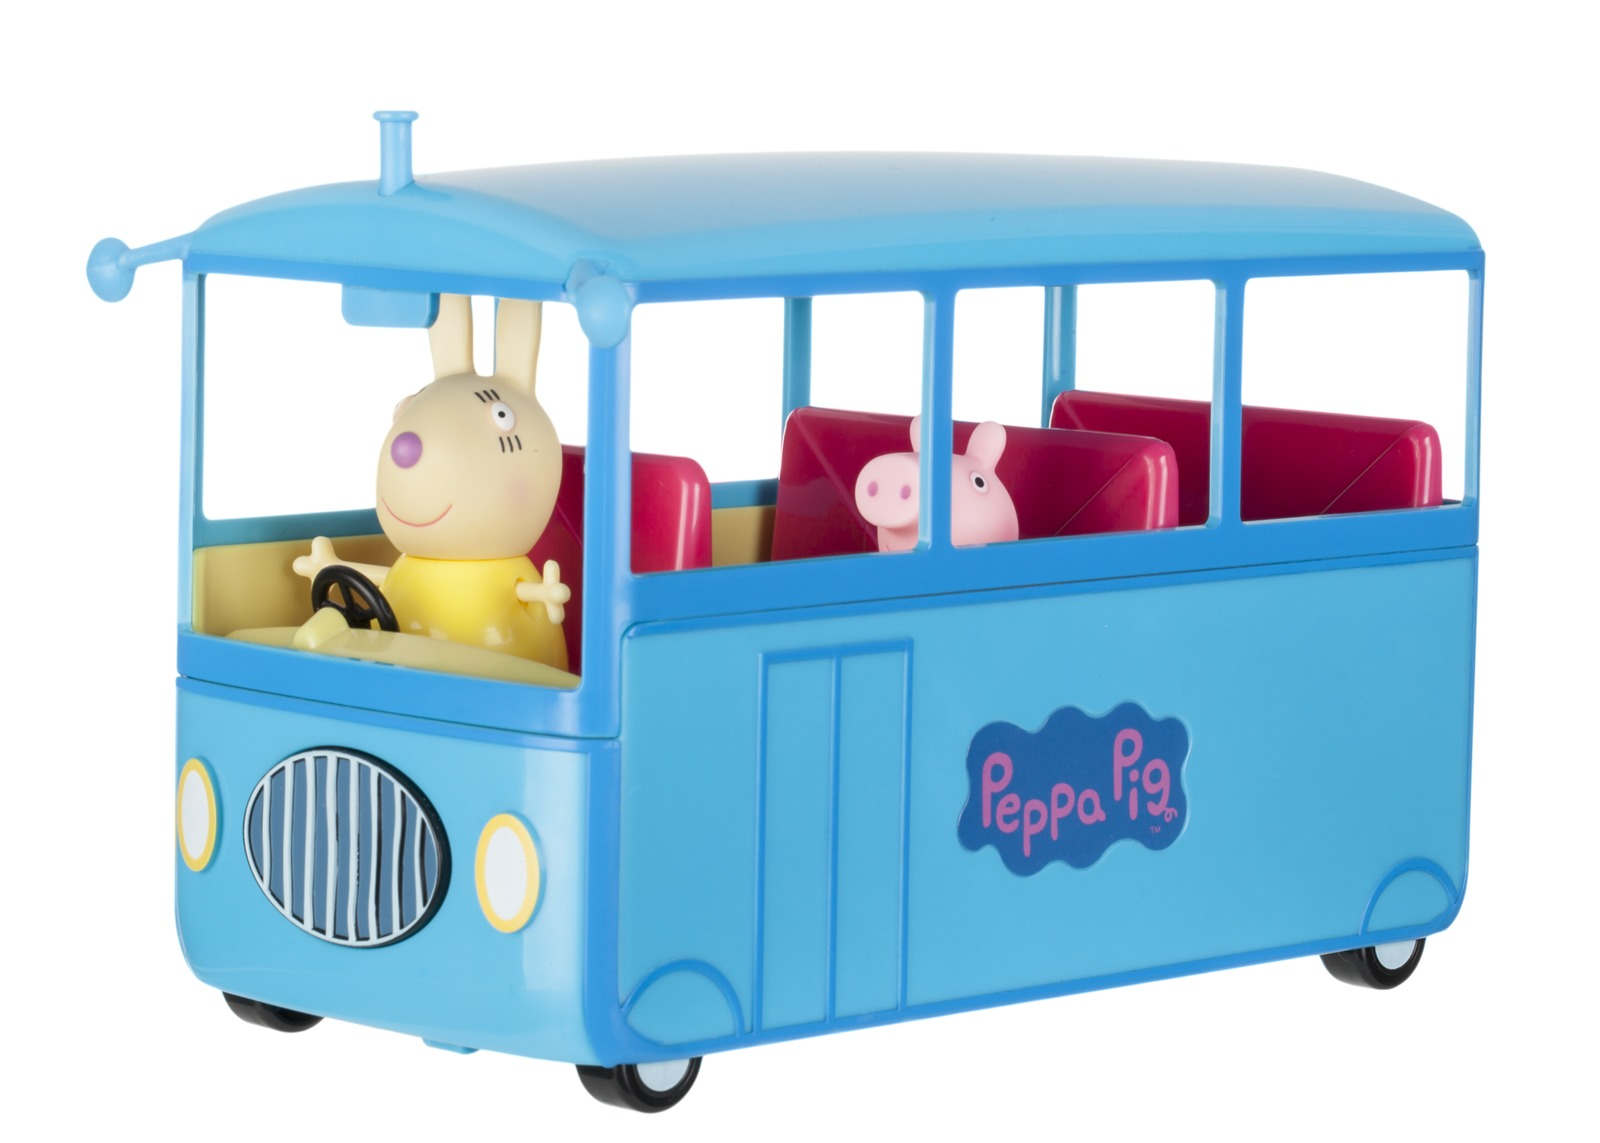 Peppa Pig: Peppa's School Bus image